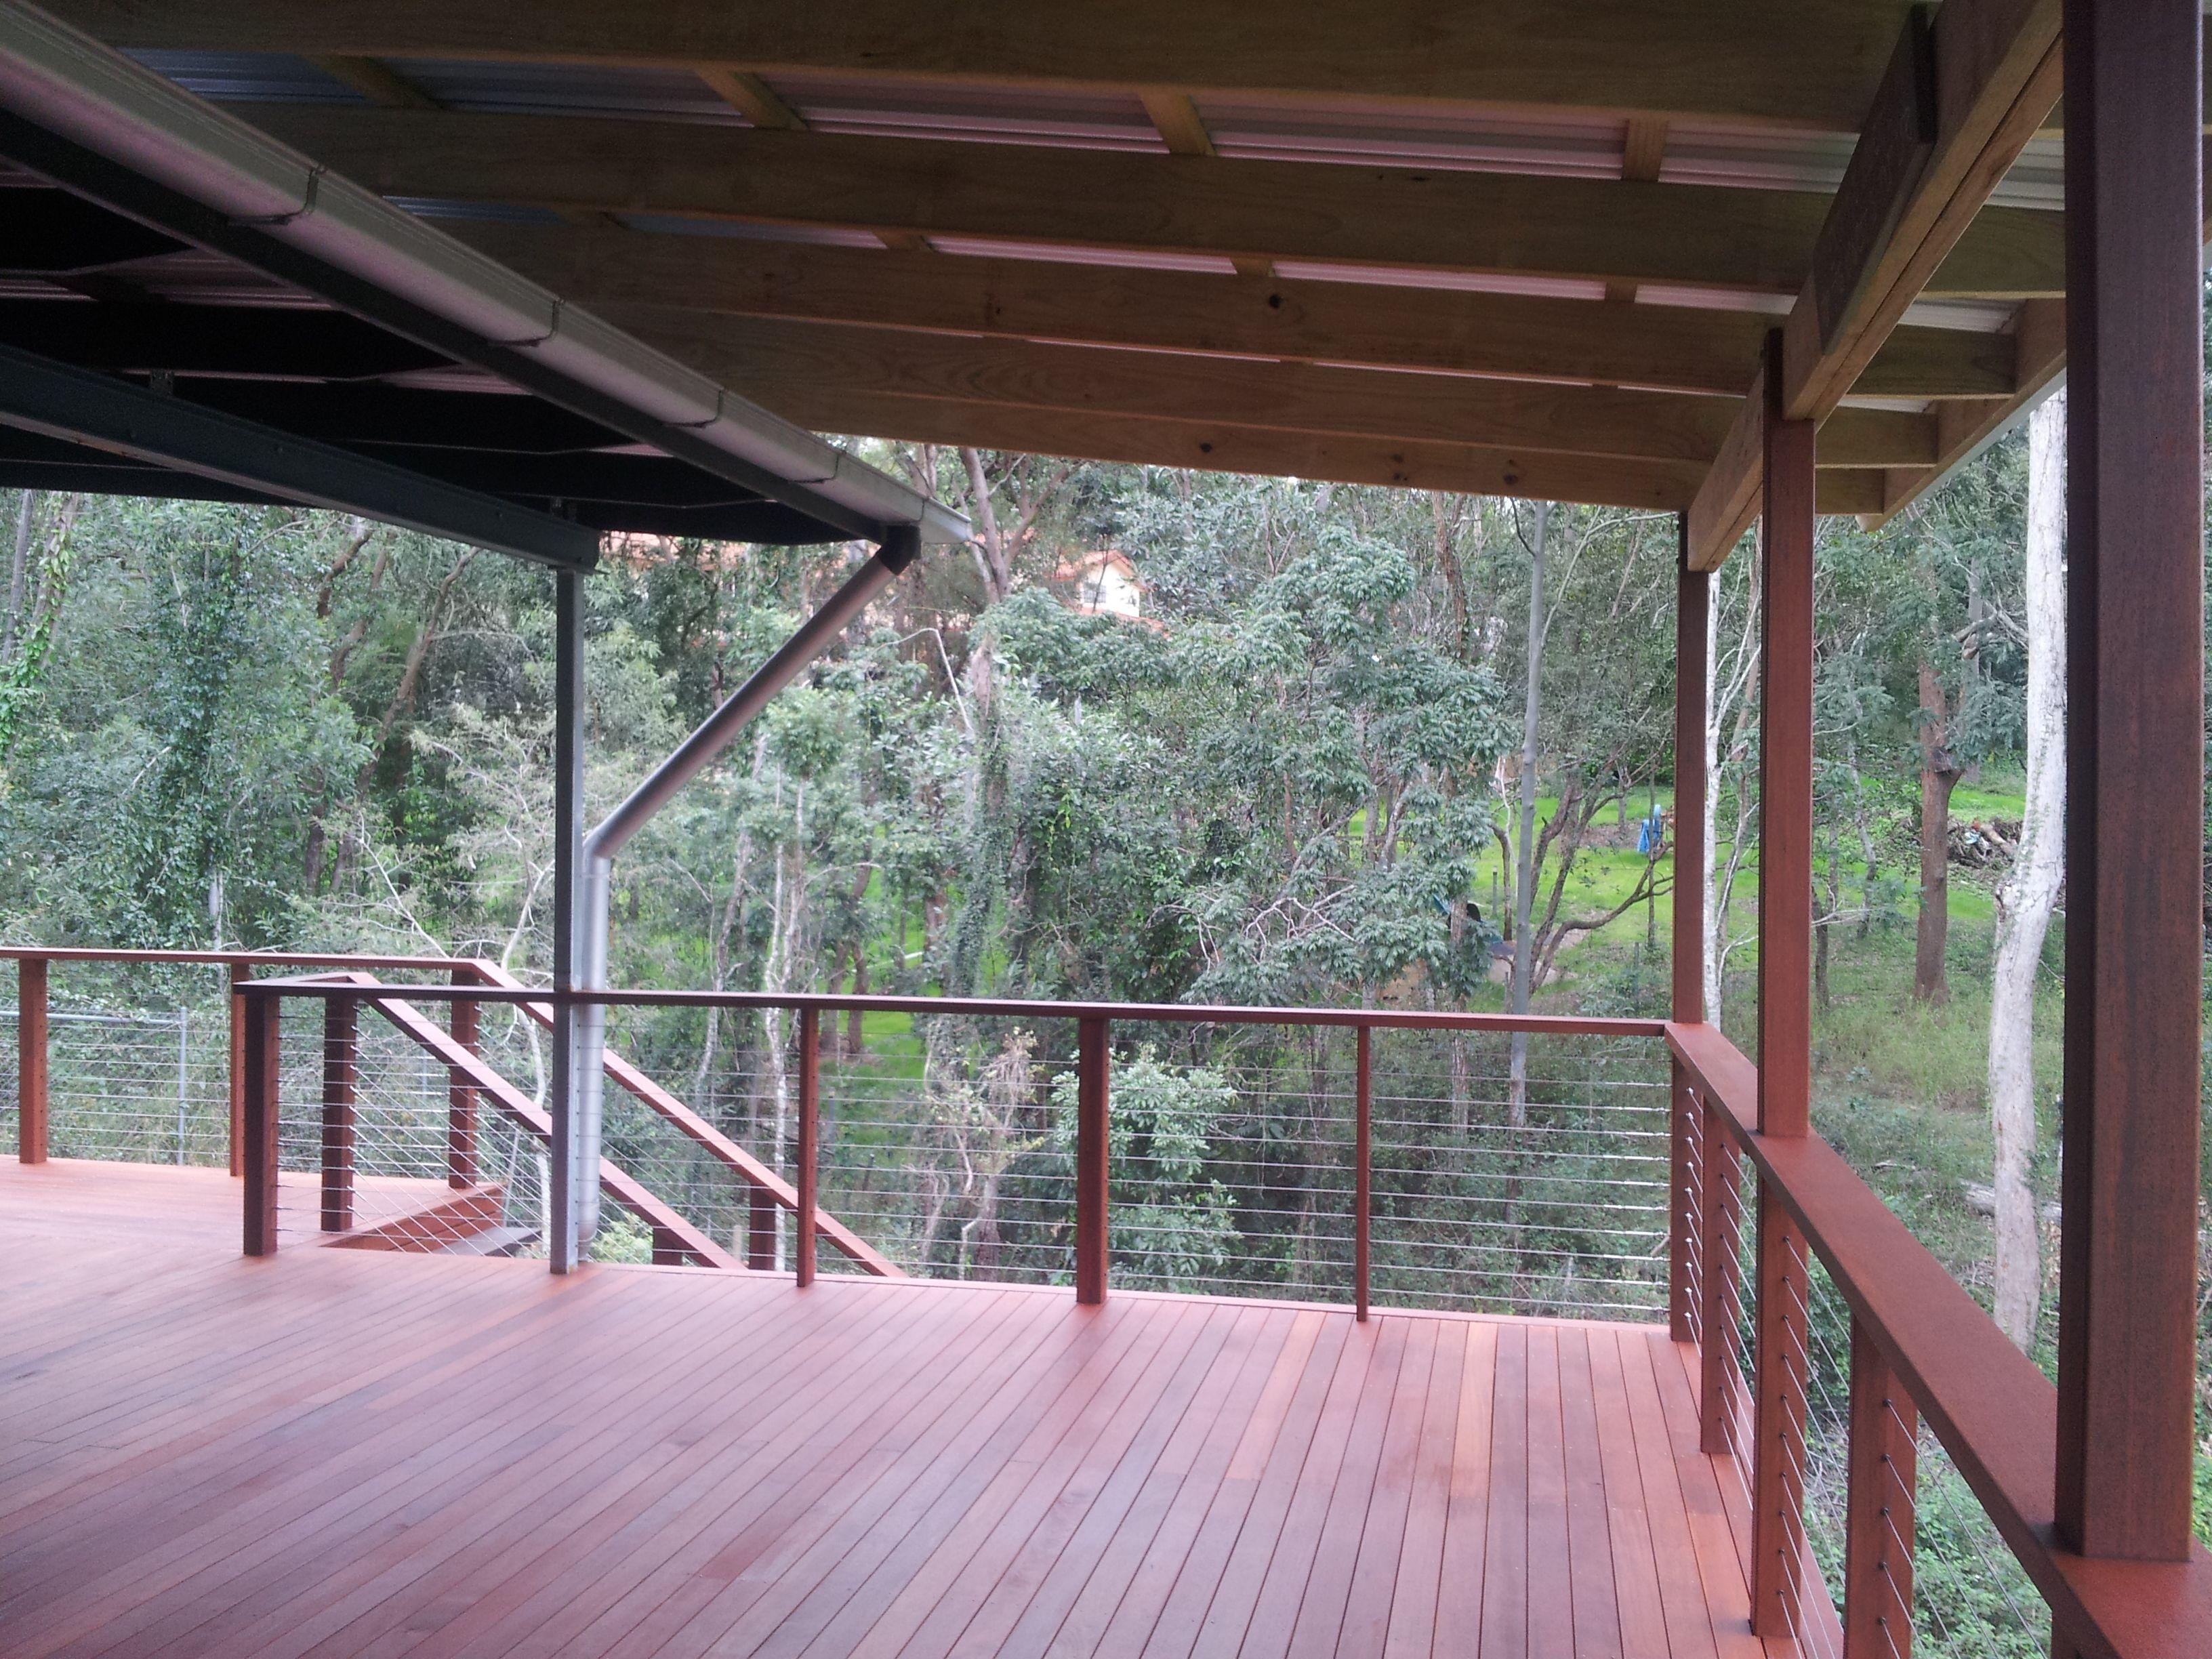 Timber Deck Kwila Decking Corrugated Roof Kwila